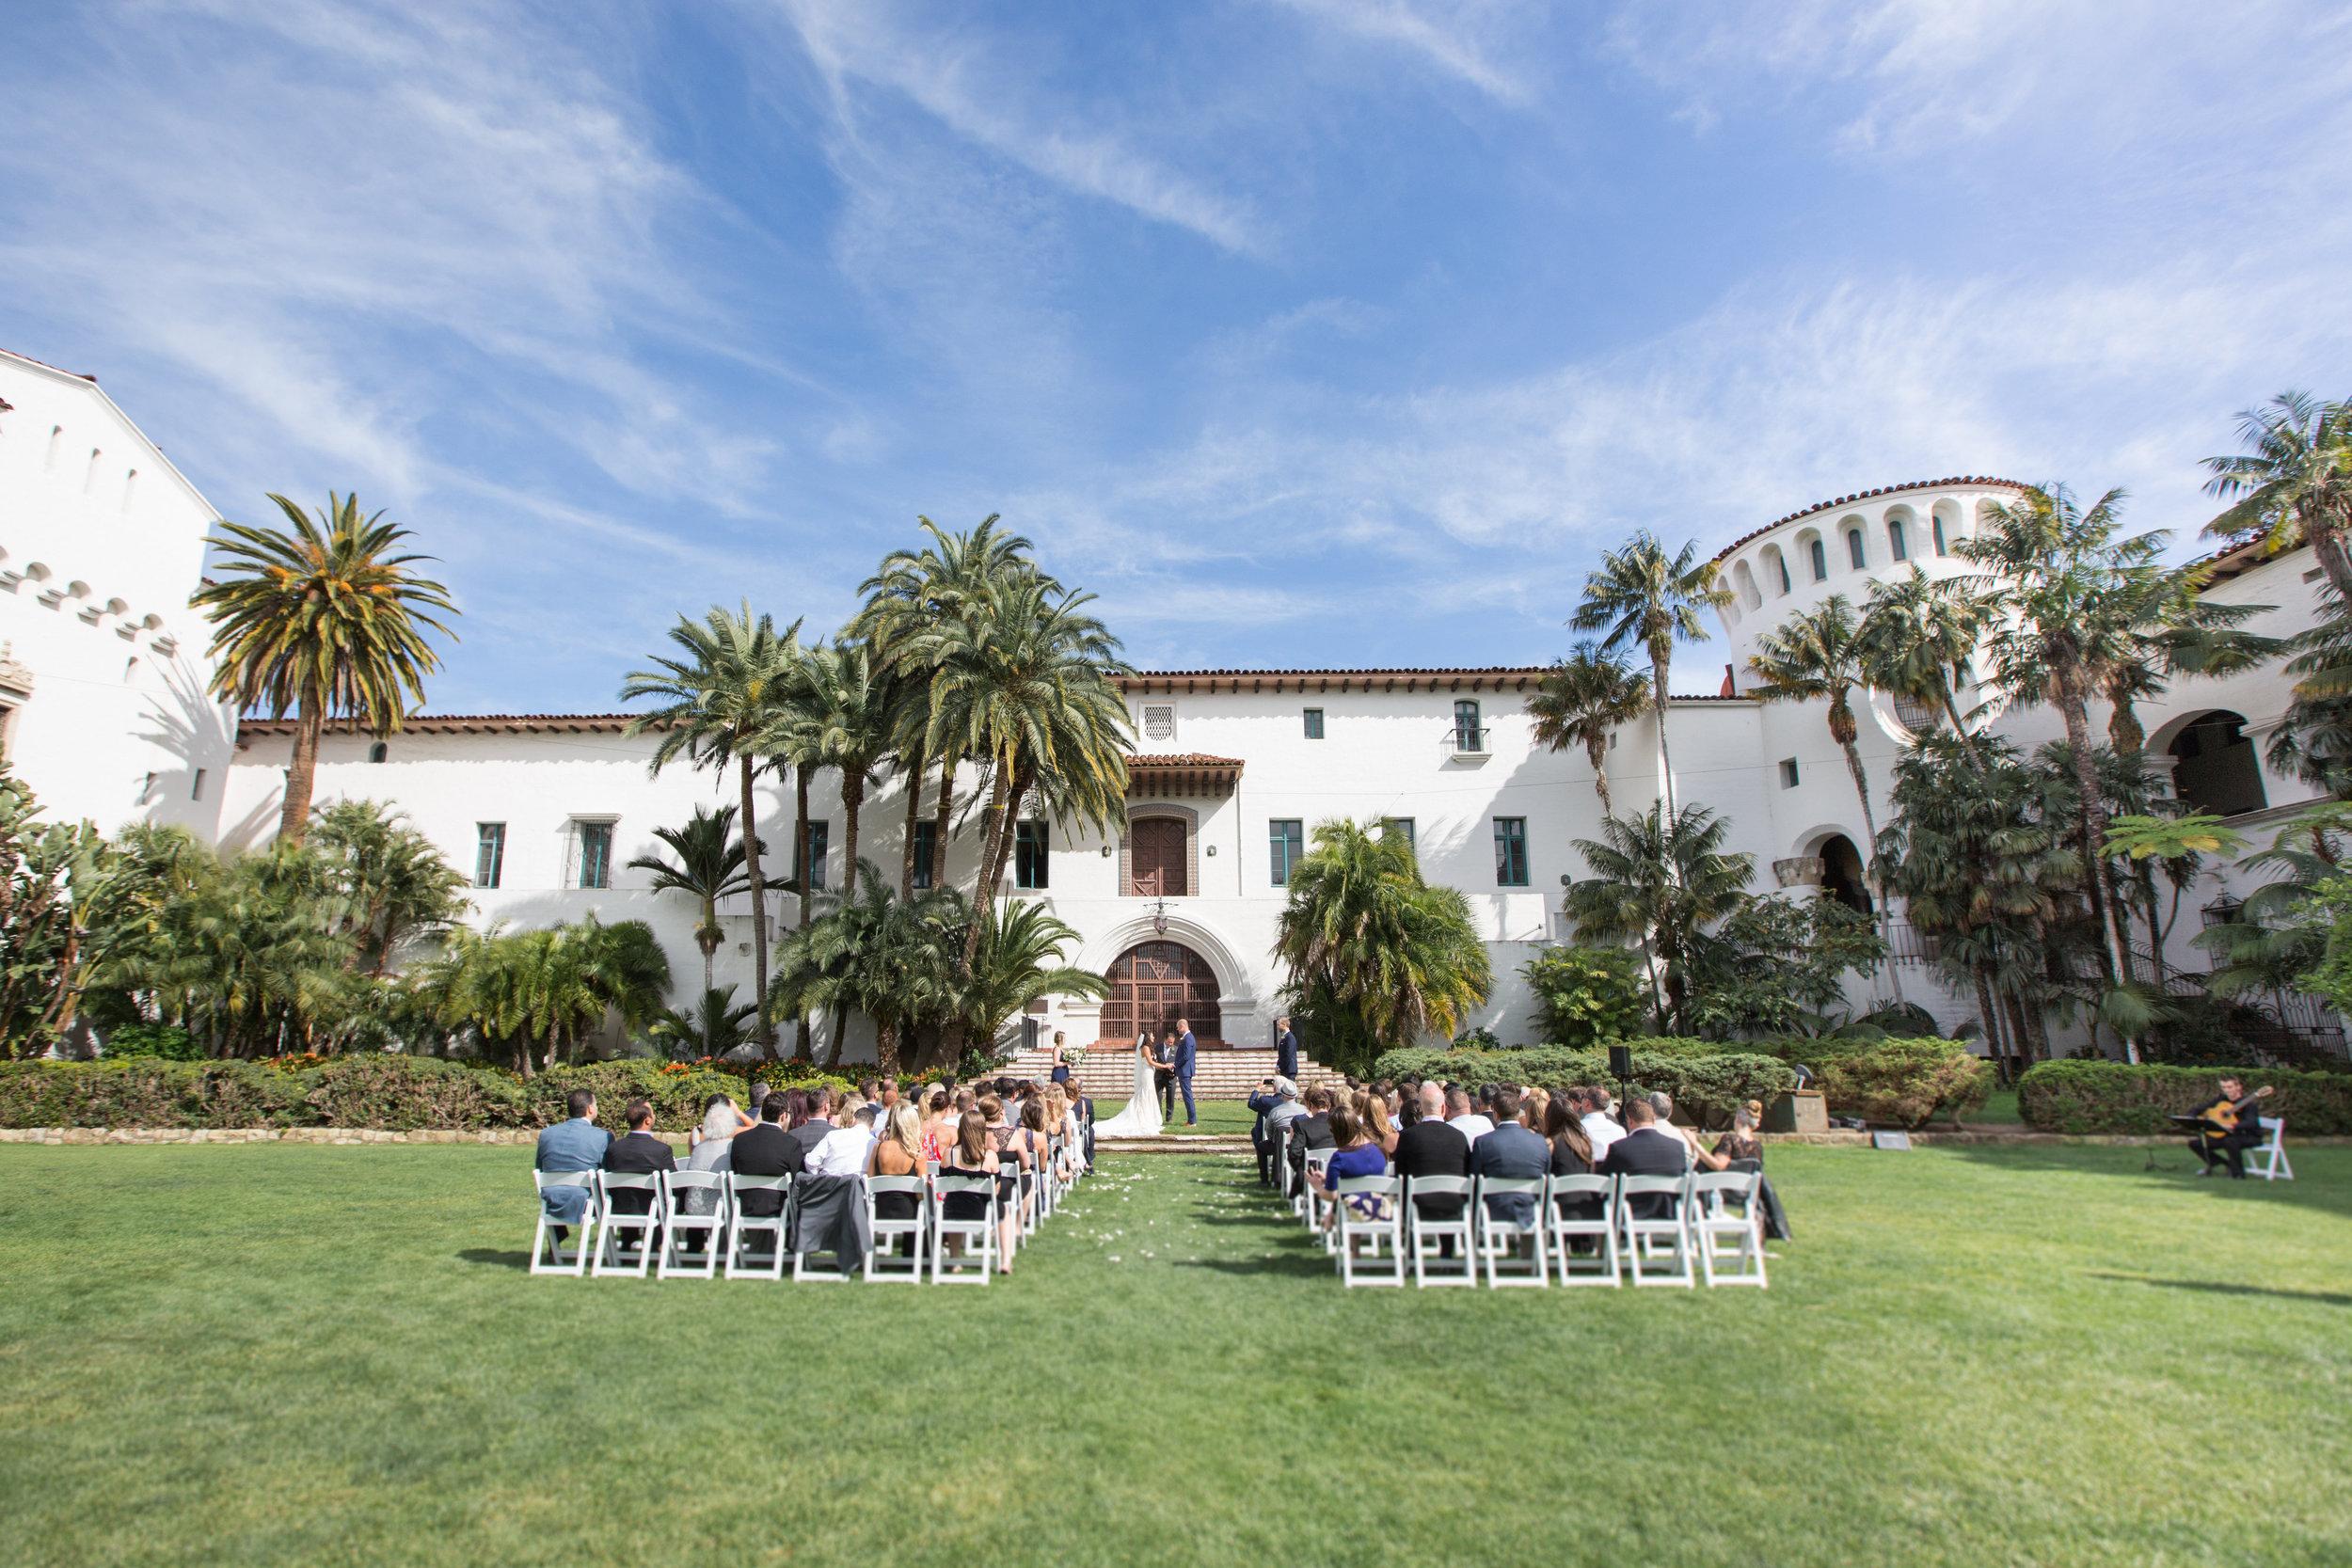 alegria-by-design-wedding-planner-planning-design-event-coordinator-day-of-courthouse-garden-hotel-californian-villa-vine-courtyard (12).jpg